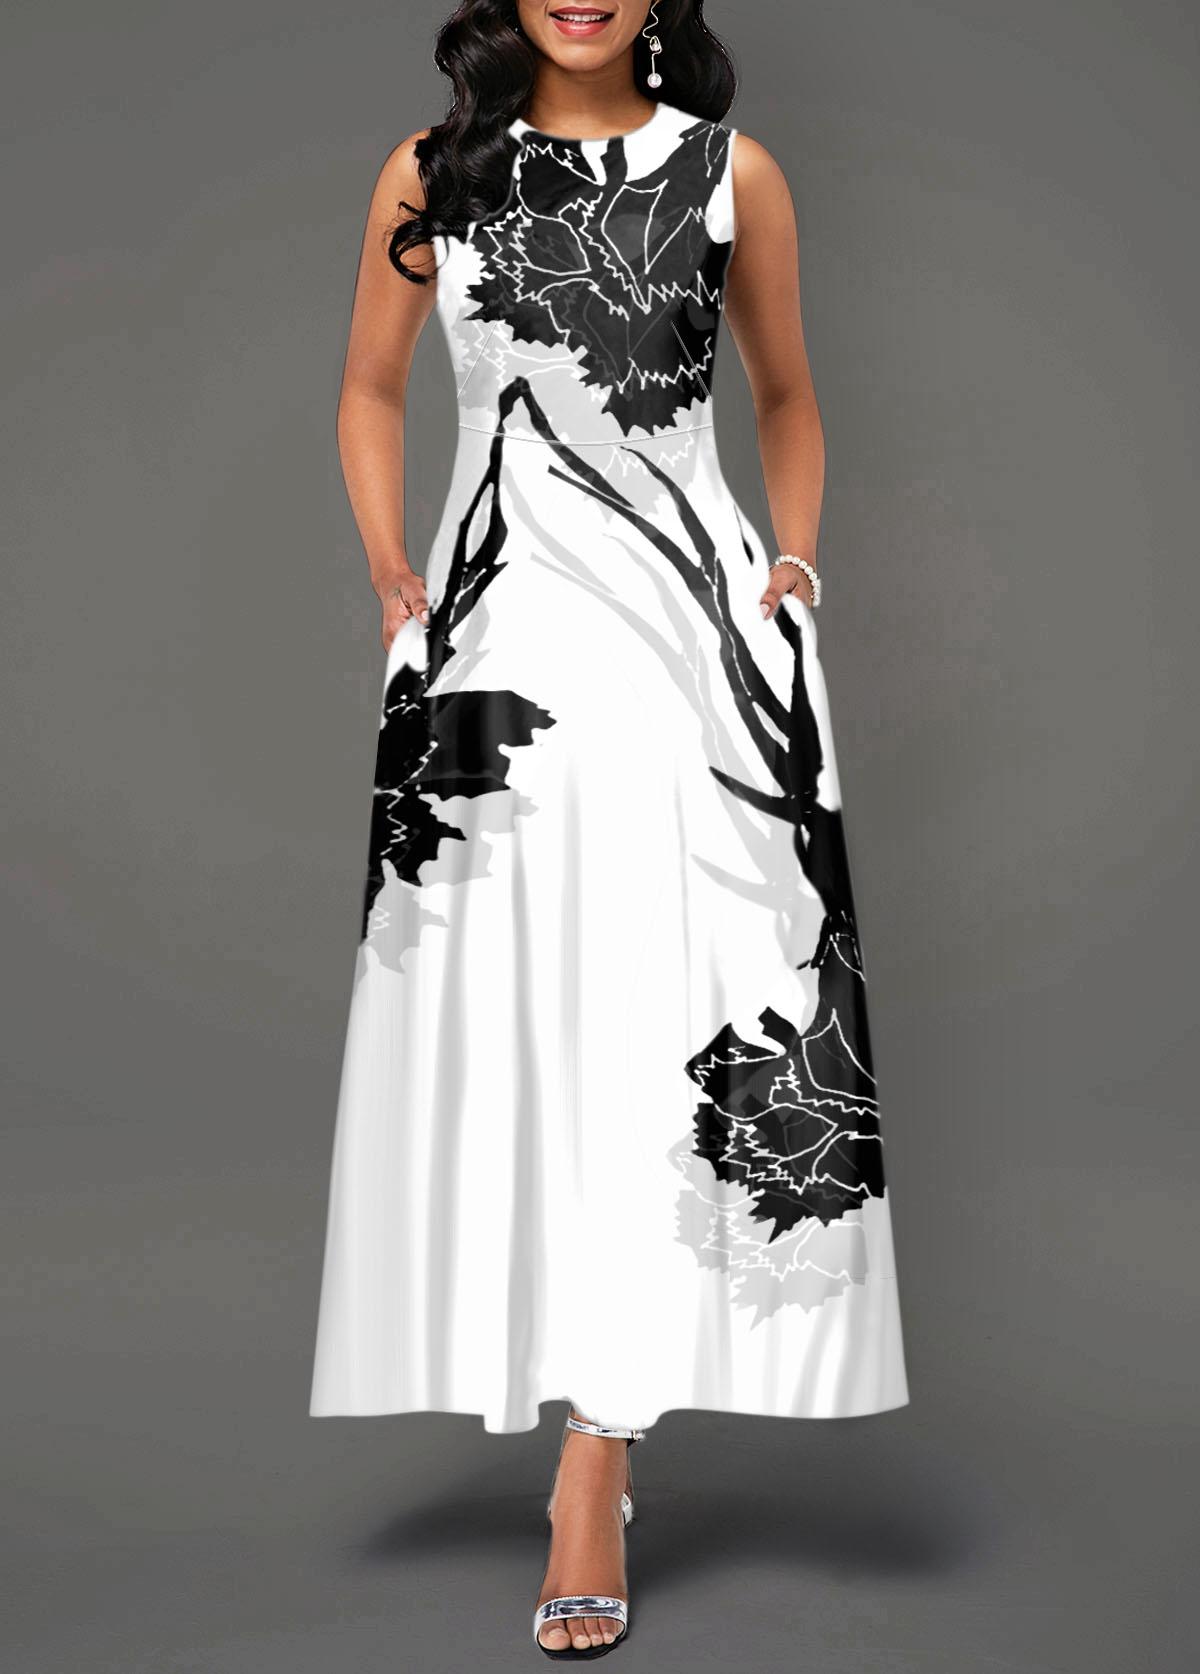 Sleeveless Zipper Back Flower Print White Dress